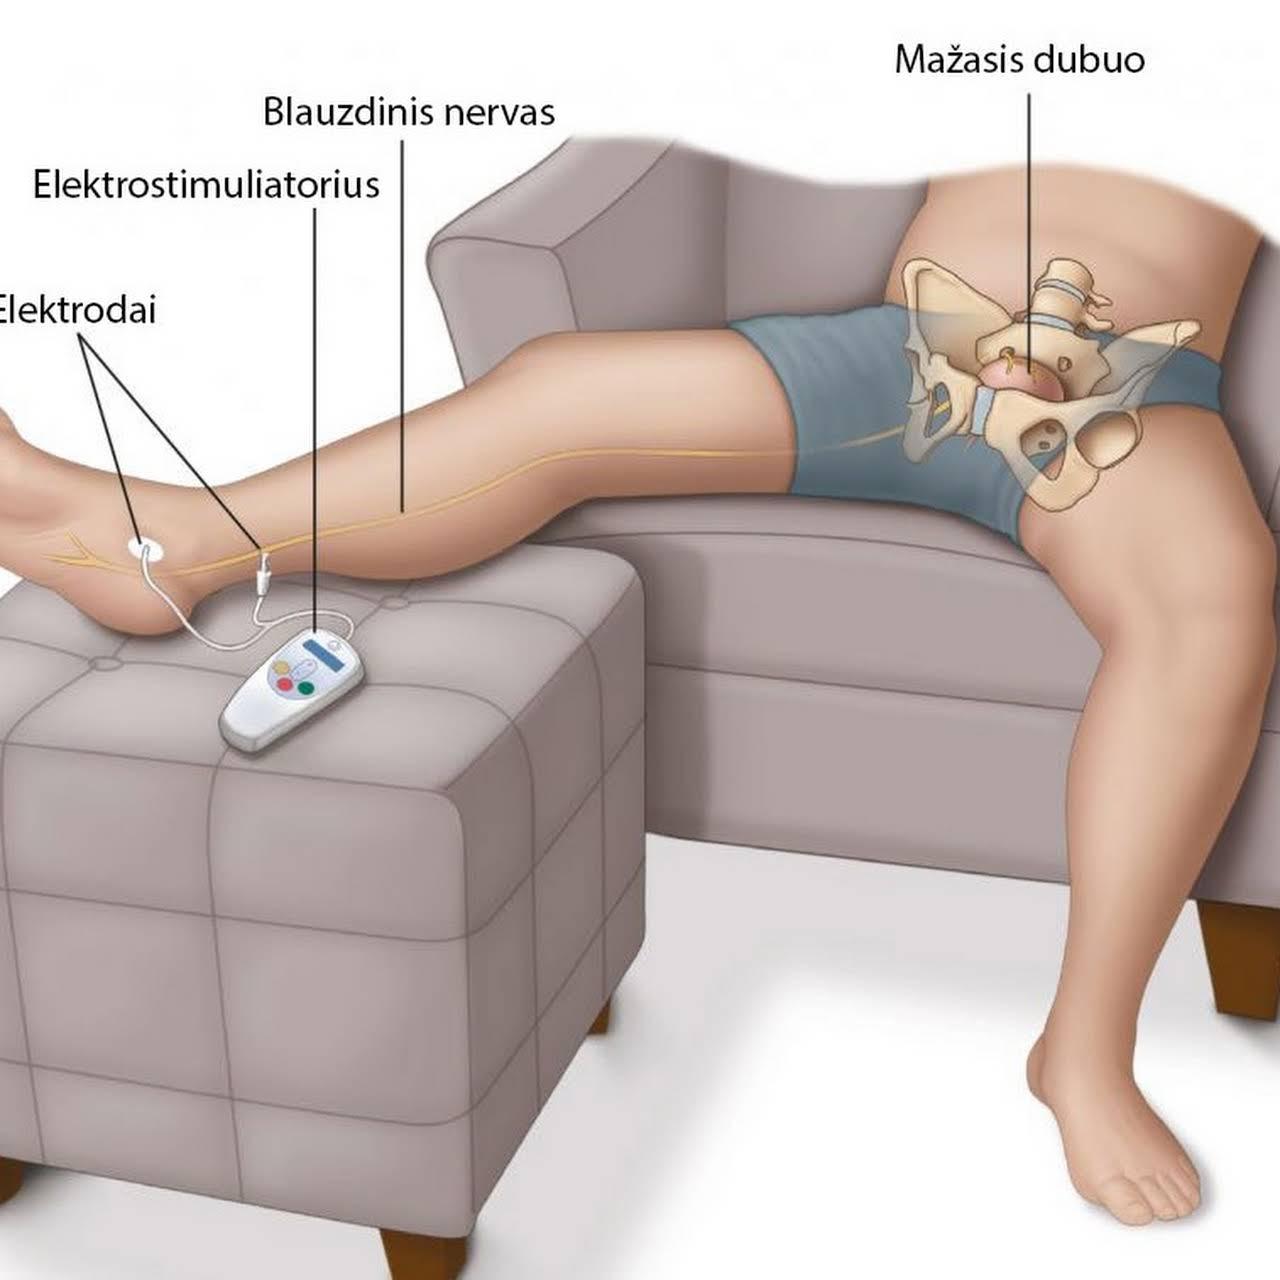 elektrodai prie varpos